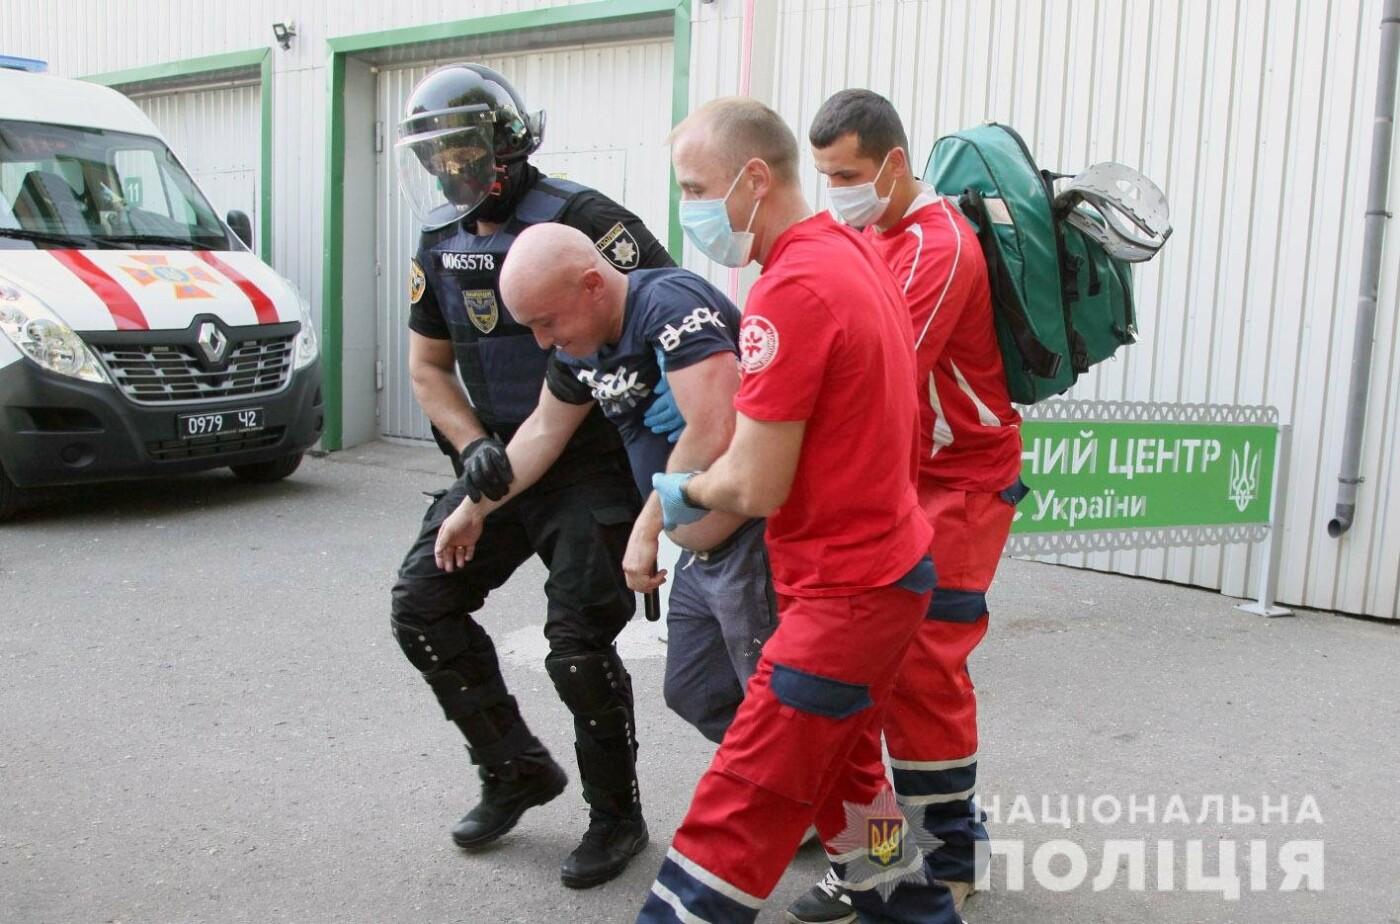 У Хмельницькому правоохоронці продовжують підготовку до забезпечення публічної безпеки і порядку під час виборів , фото-9